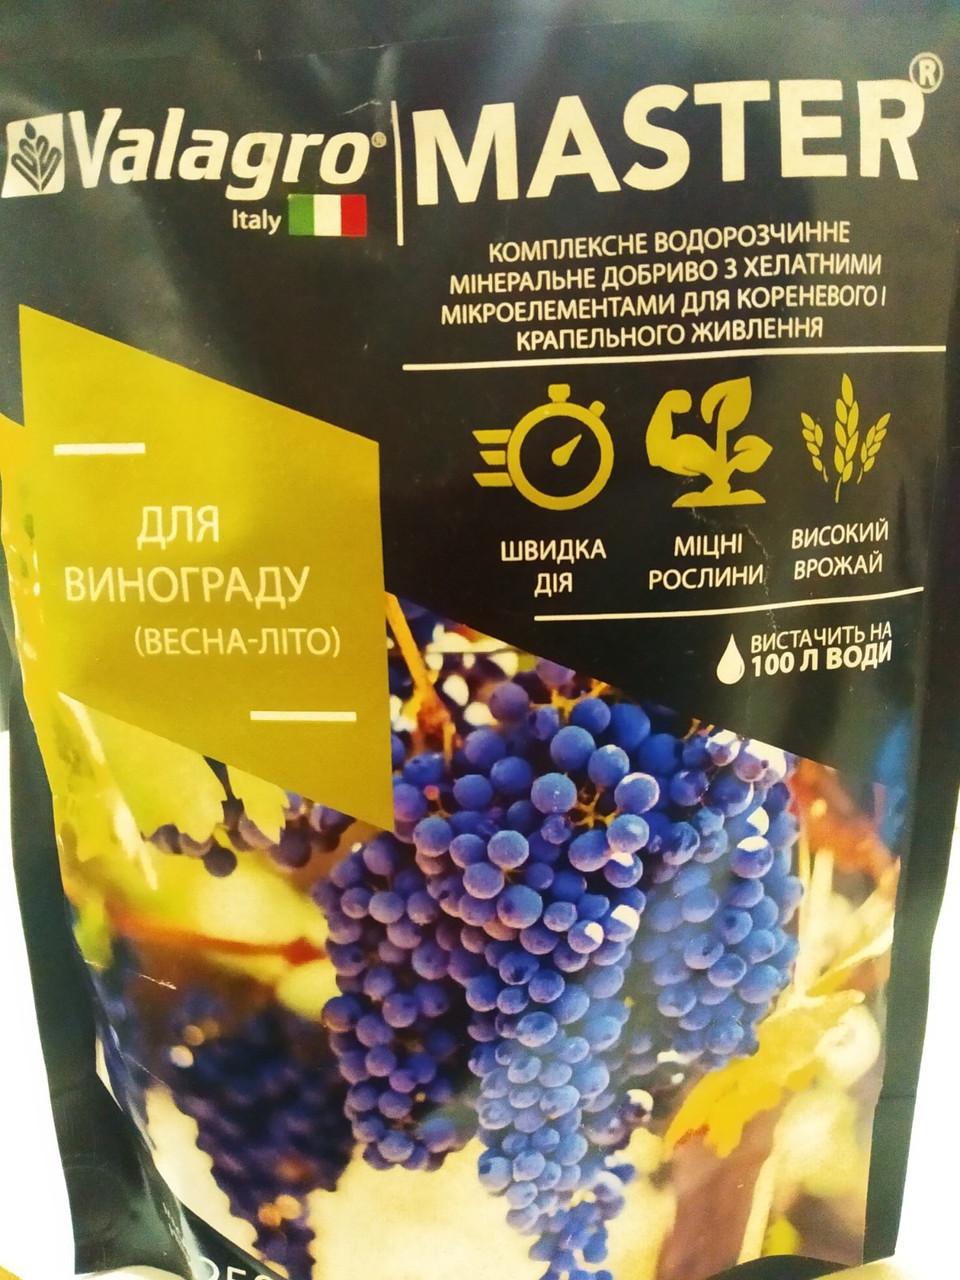 Комплексне водорозчинне мінеральне добриво для винограду весна-літо MASTER Valagro 250 грам Італія